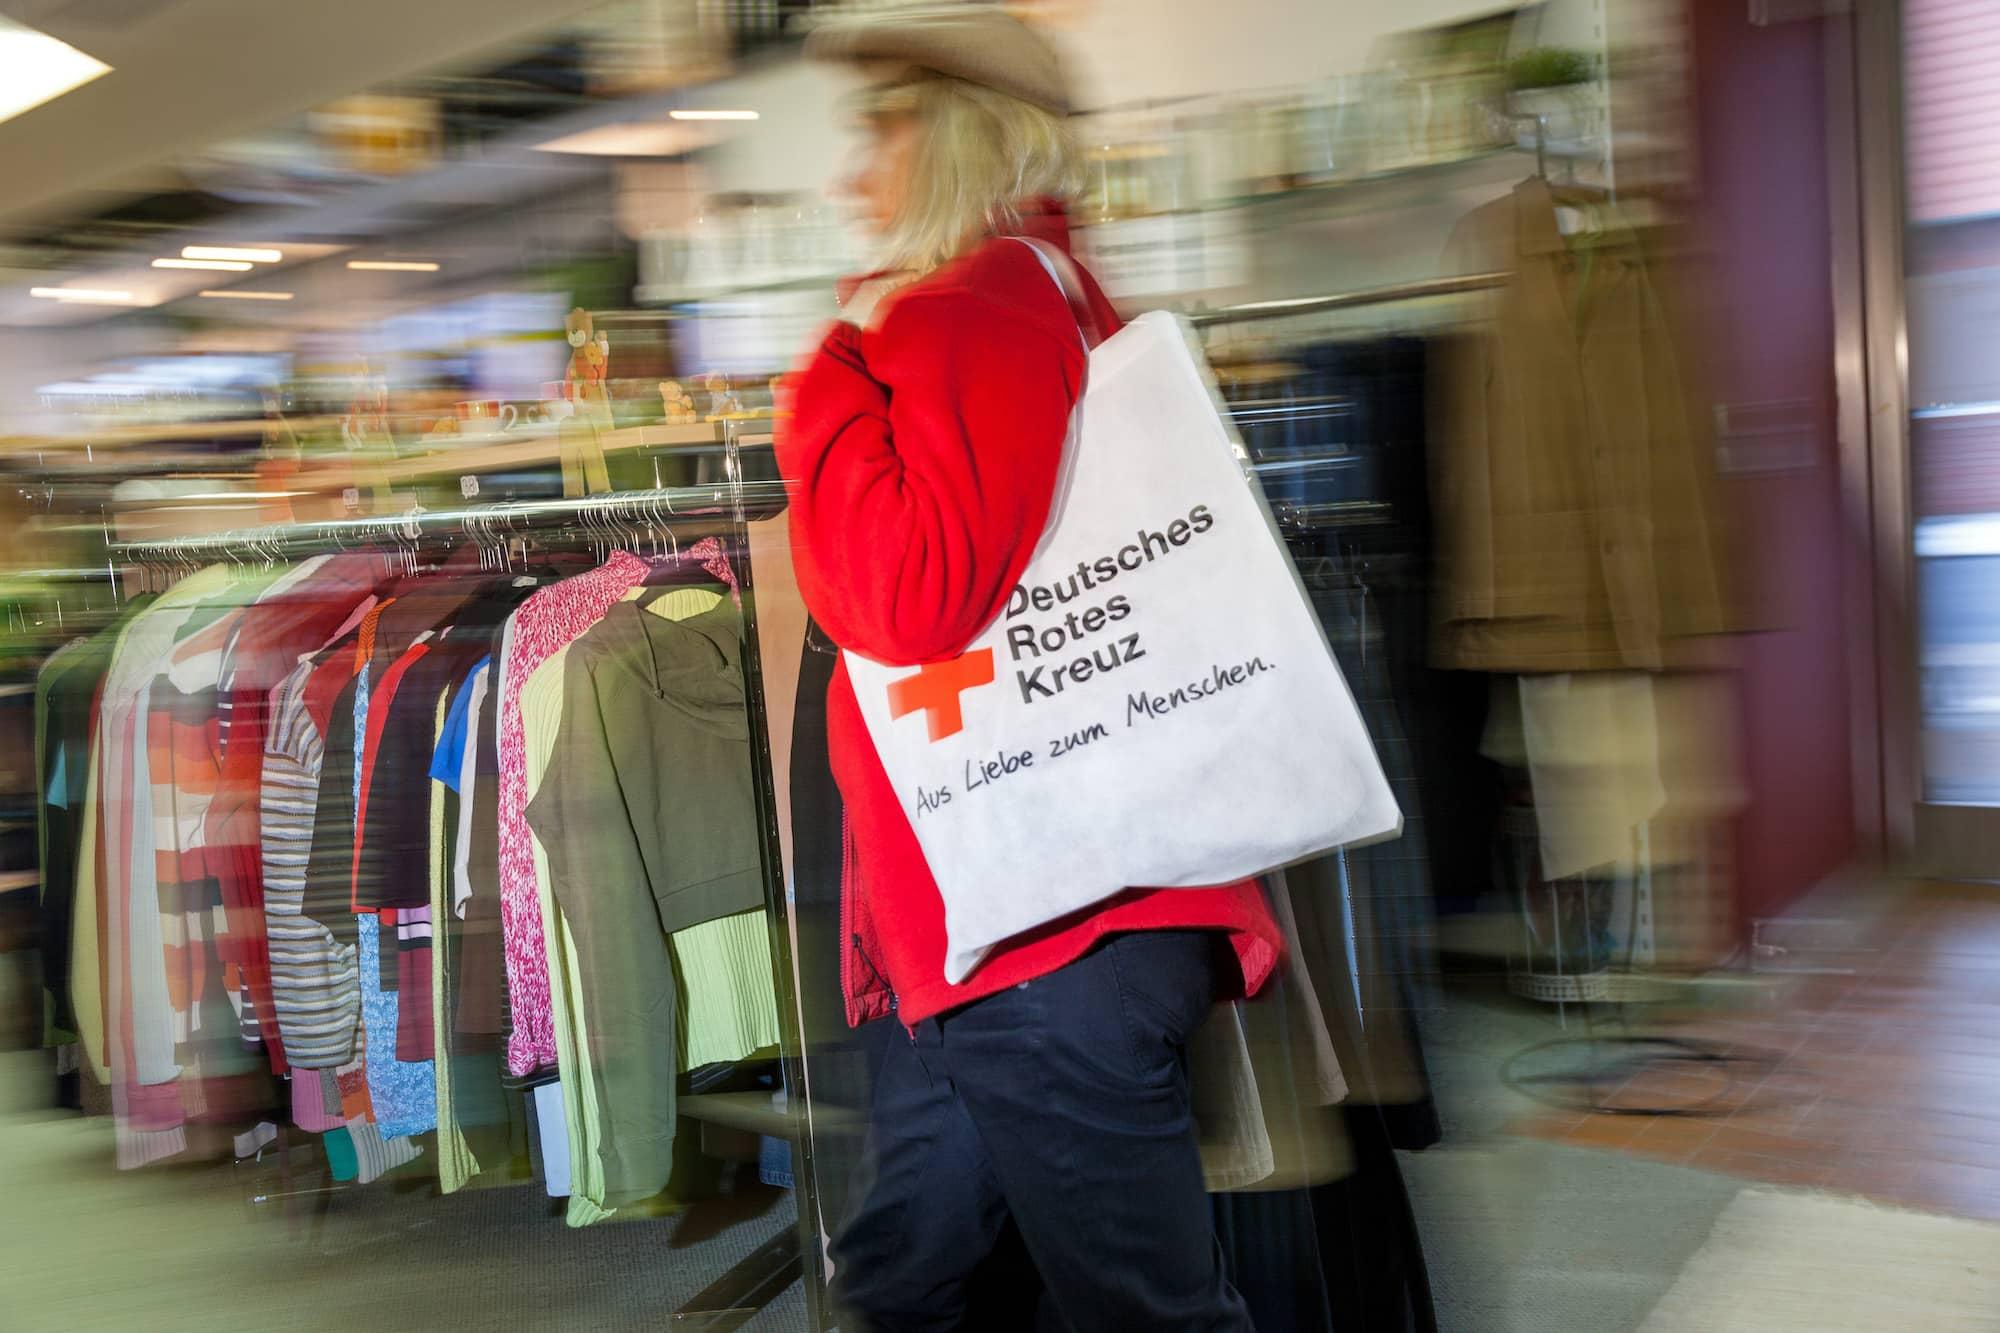 Deutsches-rotes-Kreuz-Bremen_Kleiderkammern eingeschränkte Angebote, Notdienst und Schließungen